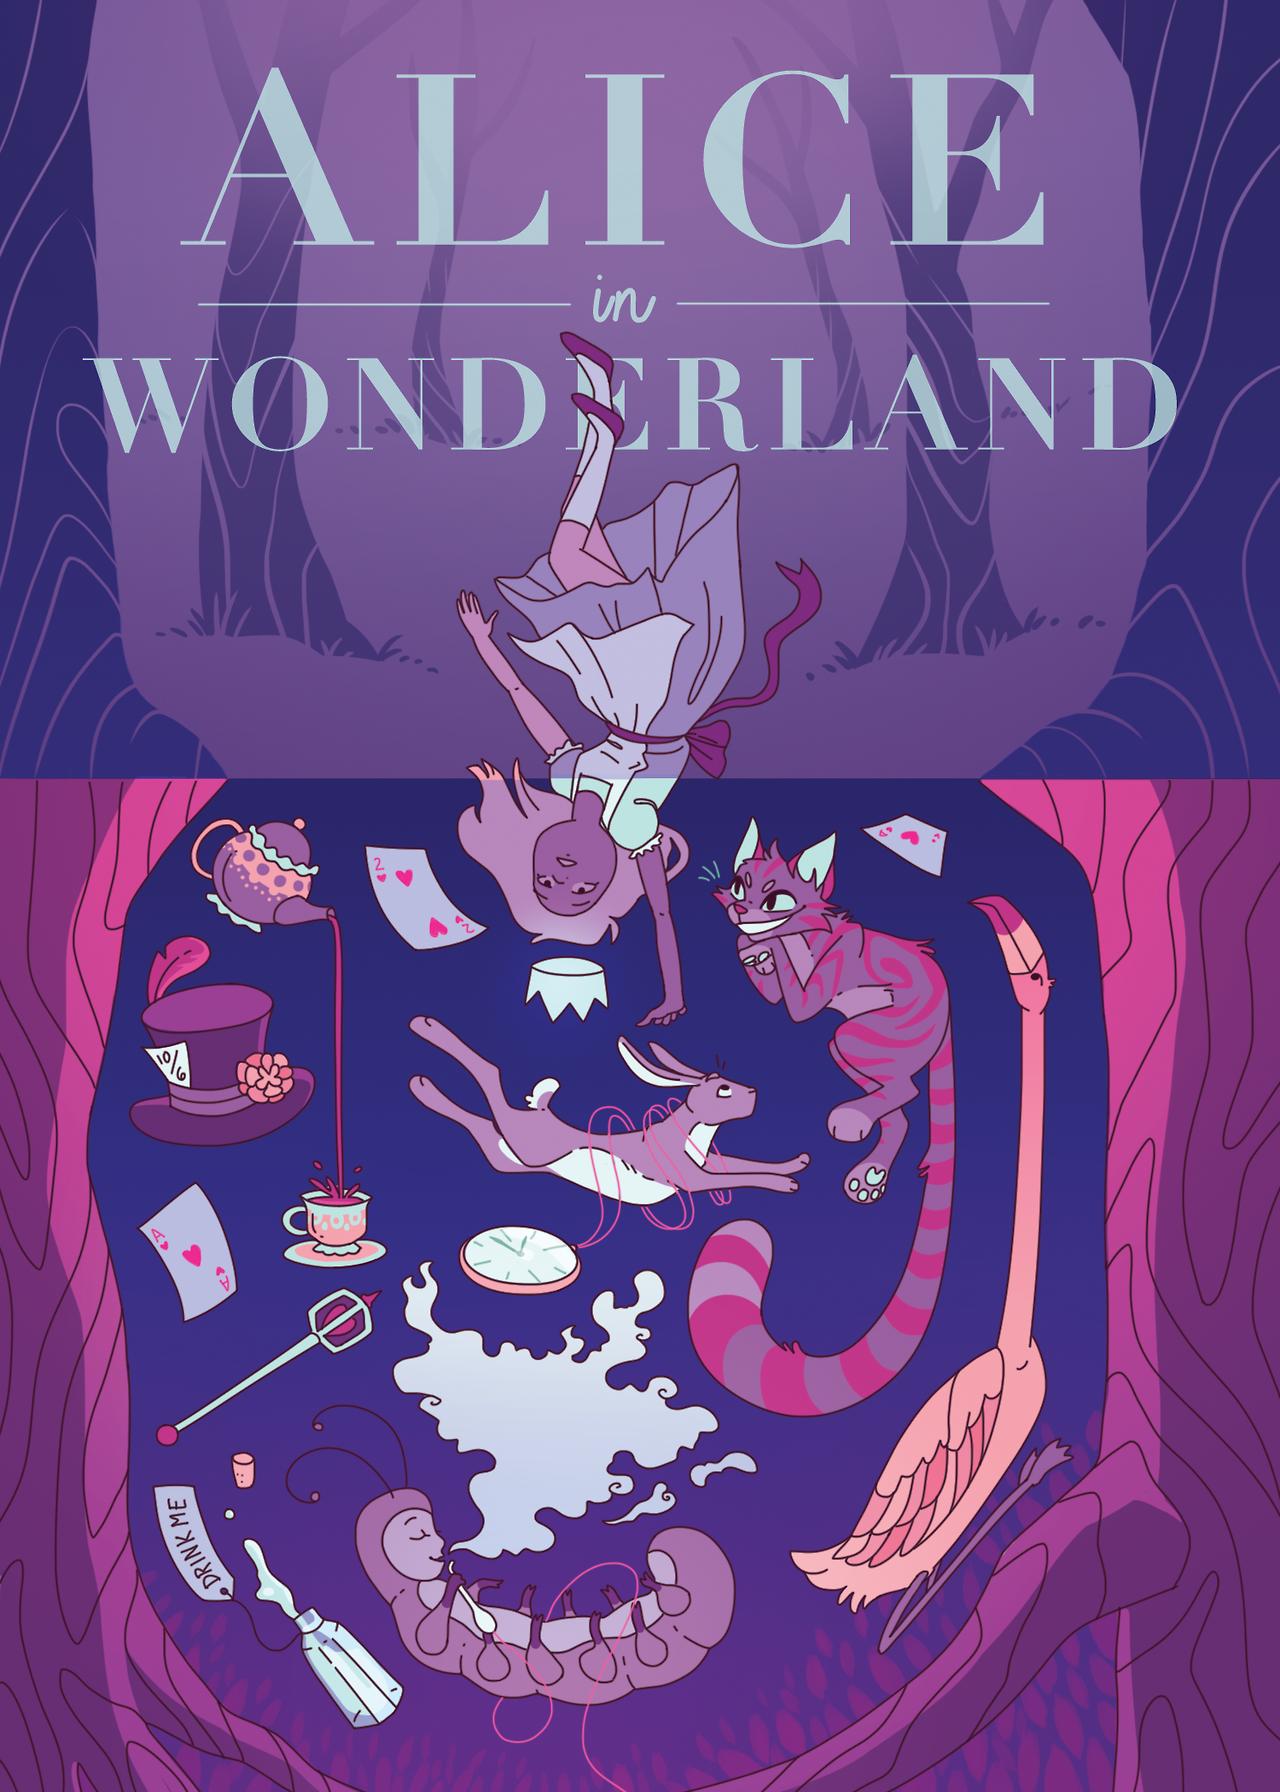 alice in wonderland Tumblr Alice in wonderland, Alice